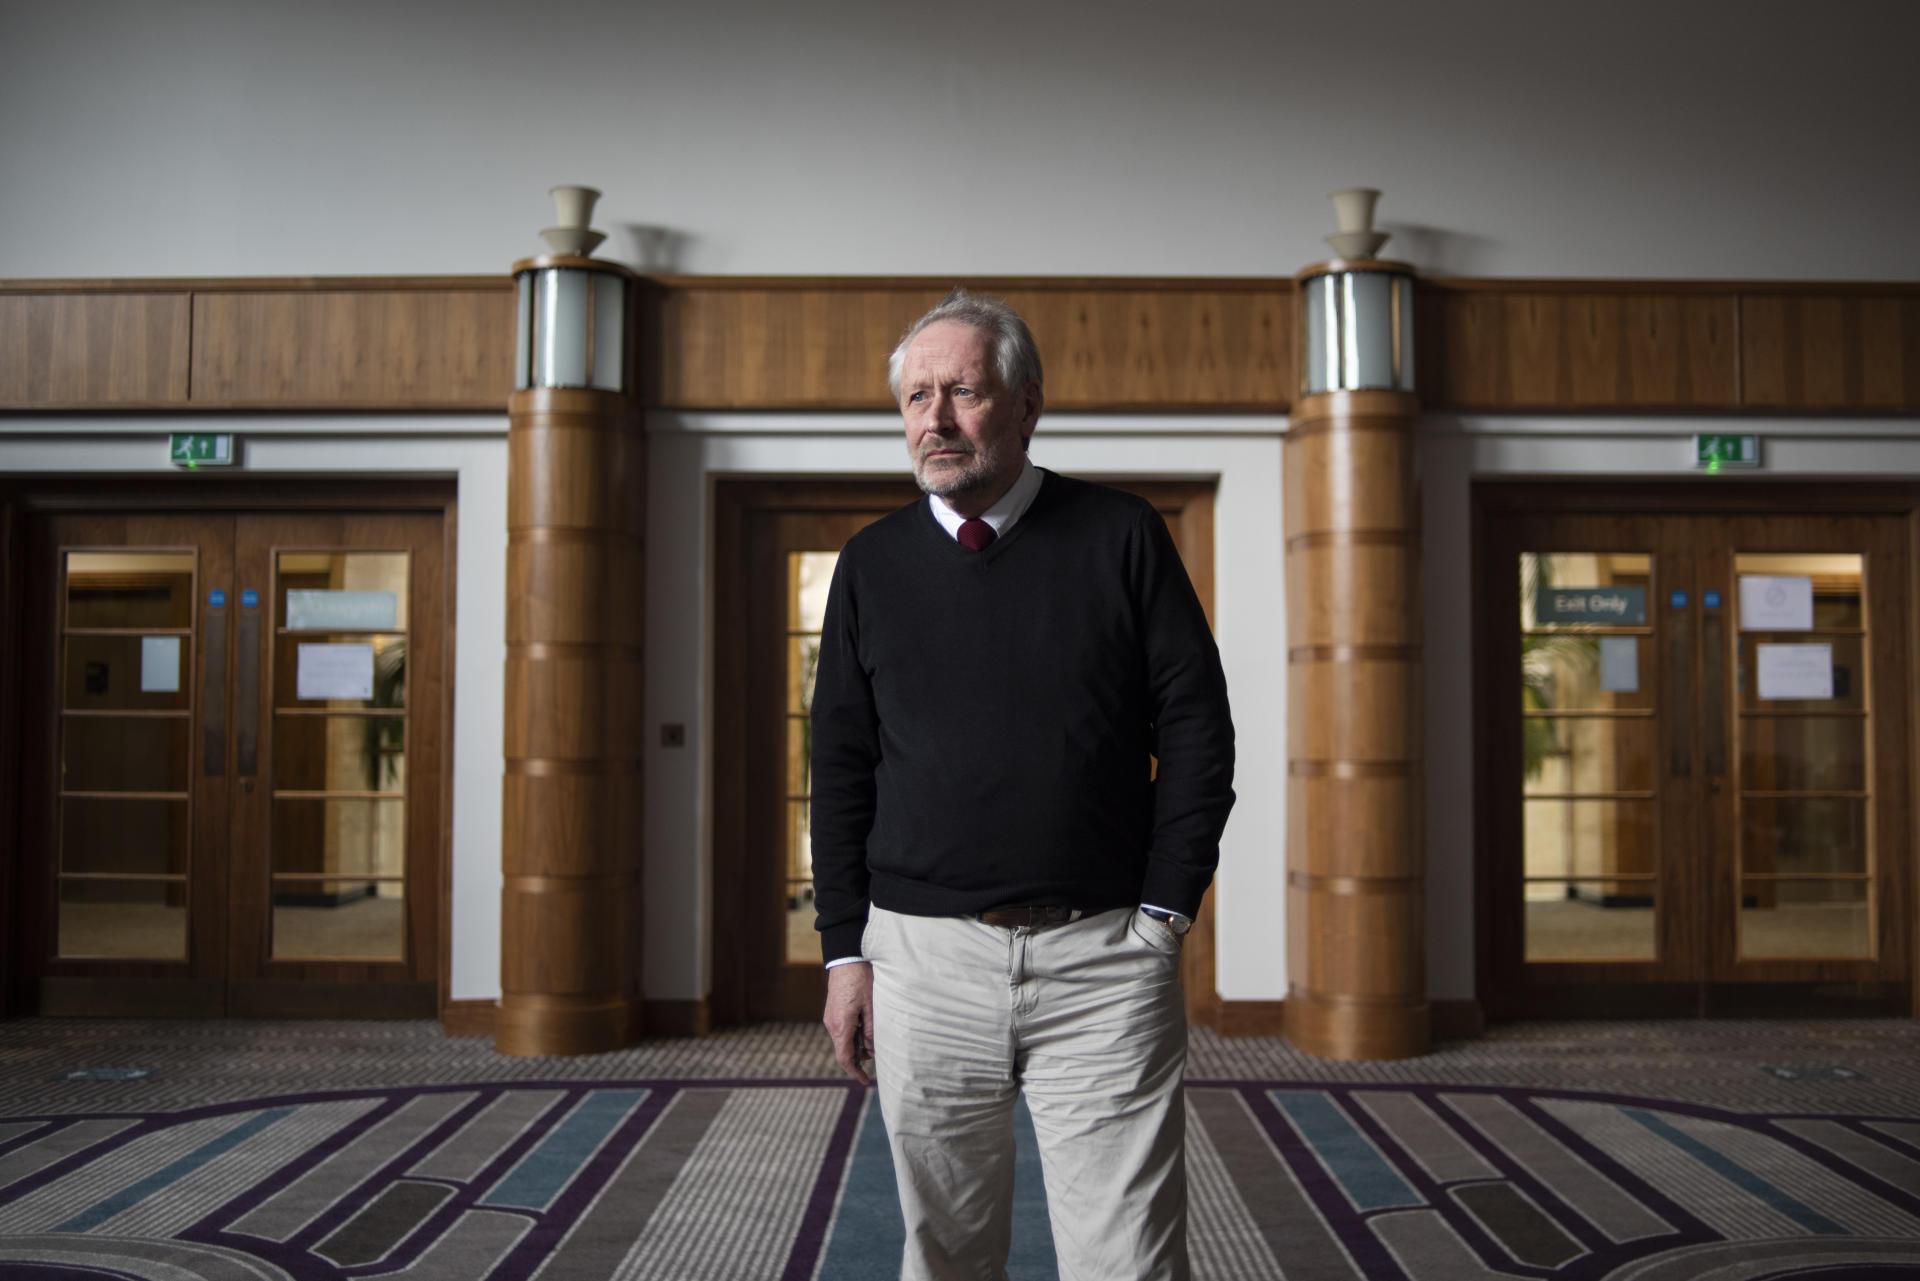 Peter Soulsby, maire de Leicester, pose pour un portrait dans sa mairie, le 19 mars.